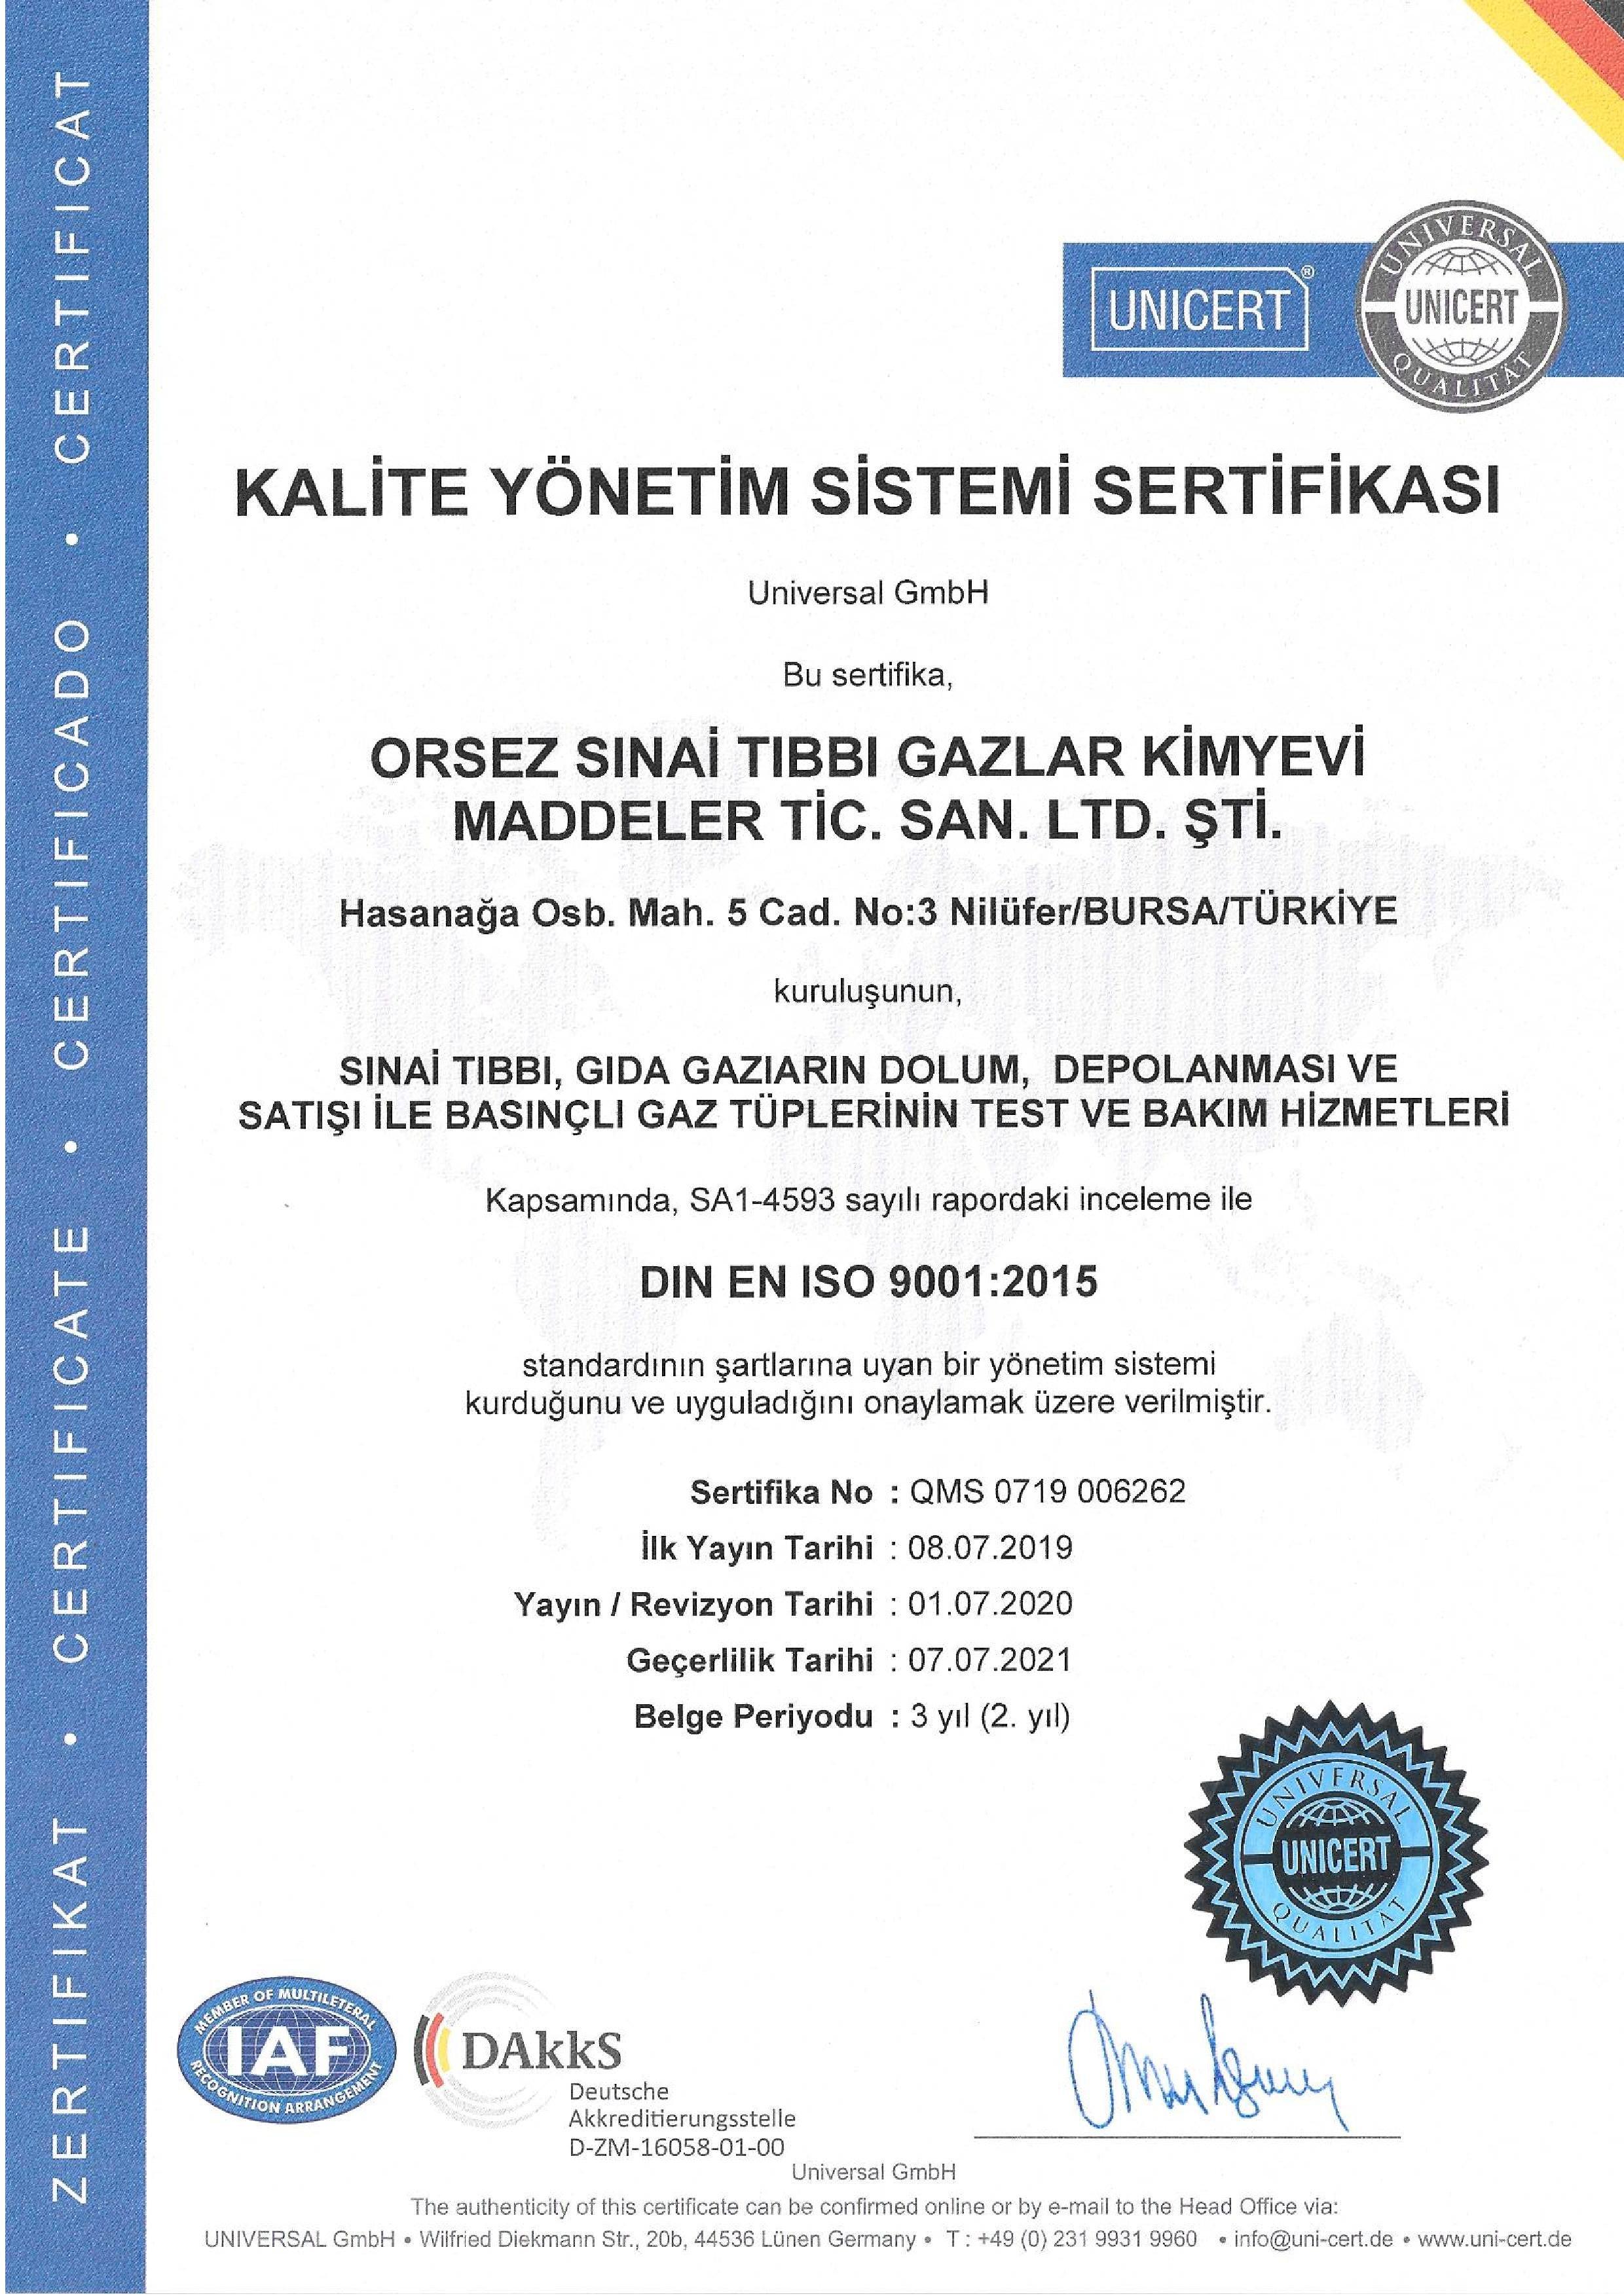 Orsez Sinai Tıbbi Gazlar Ltd. Şti.